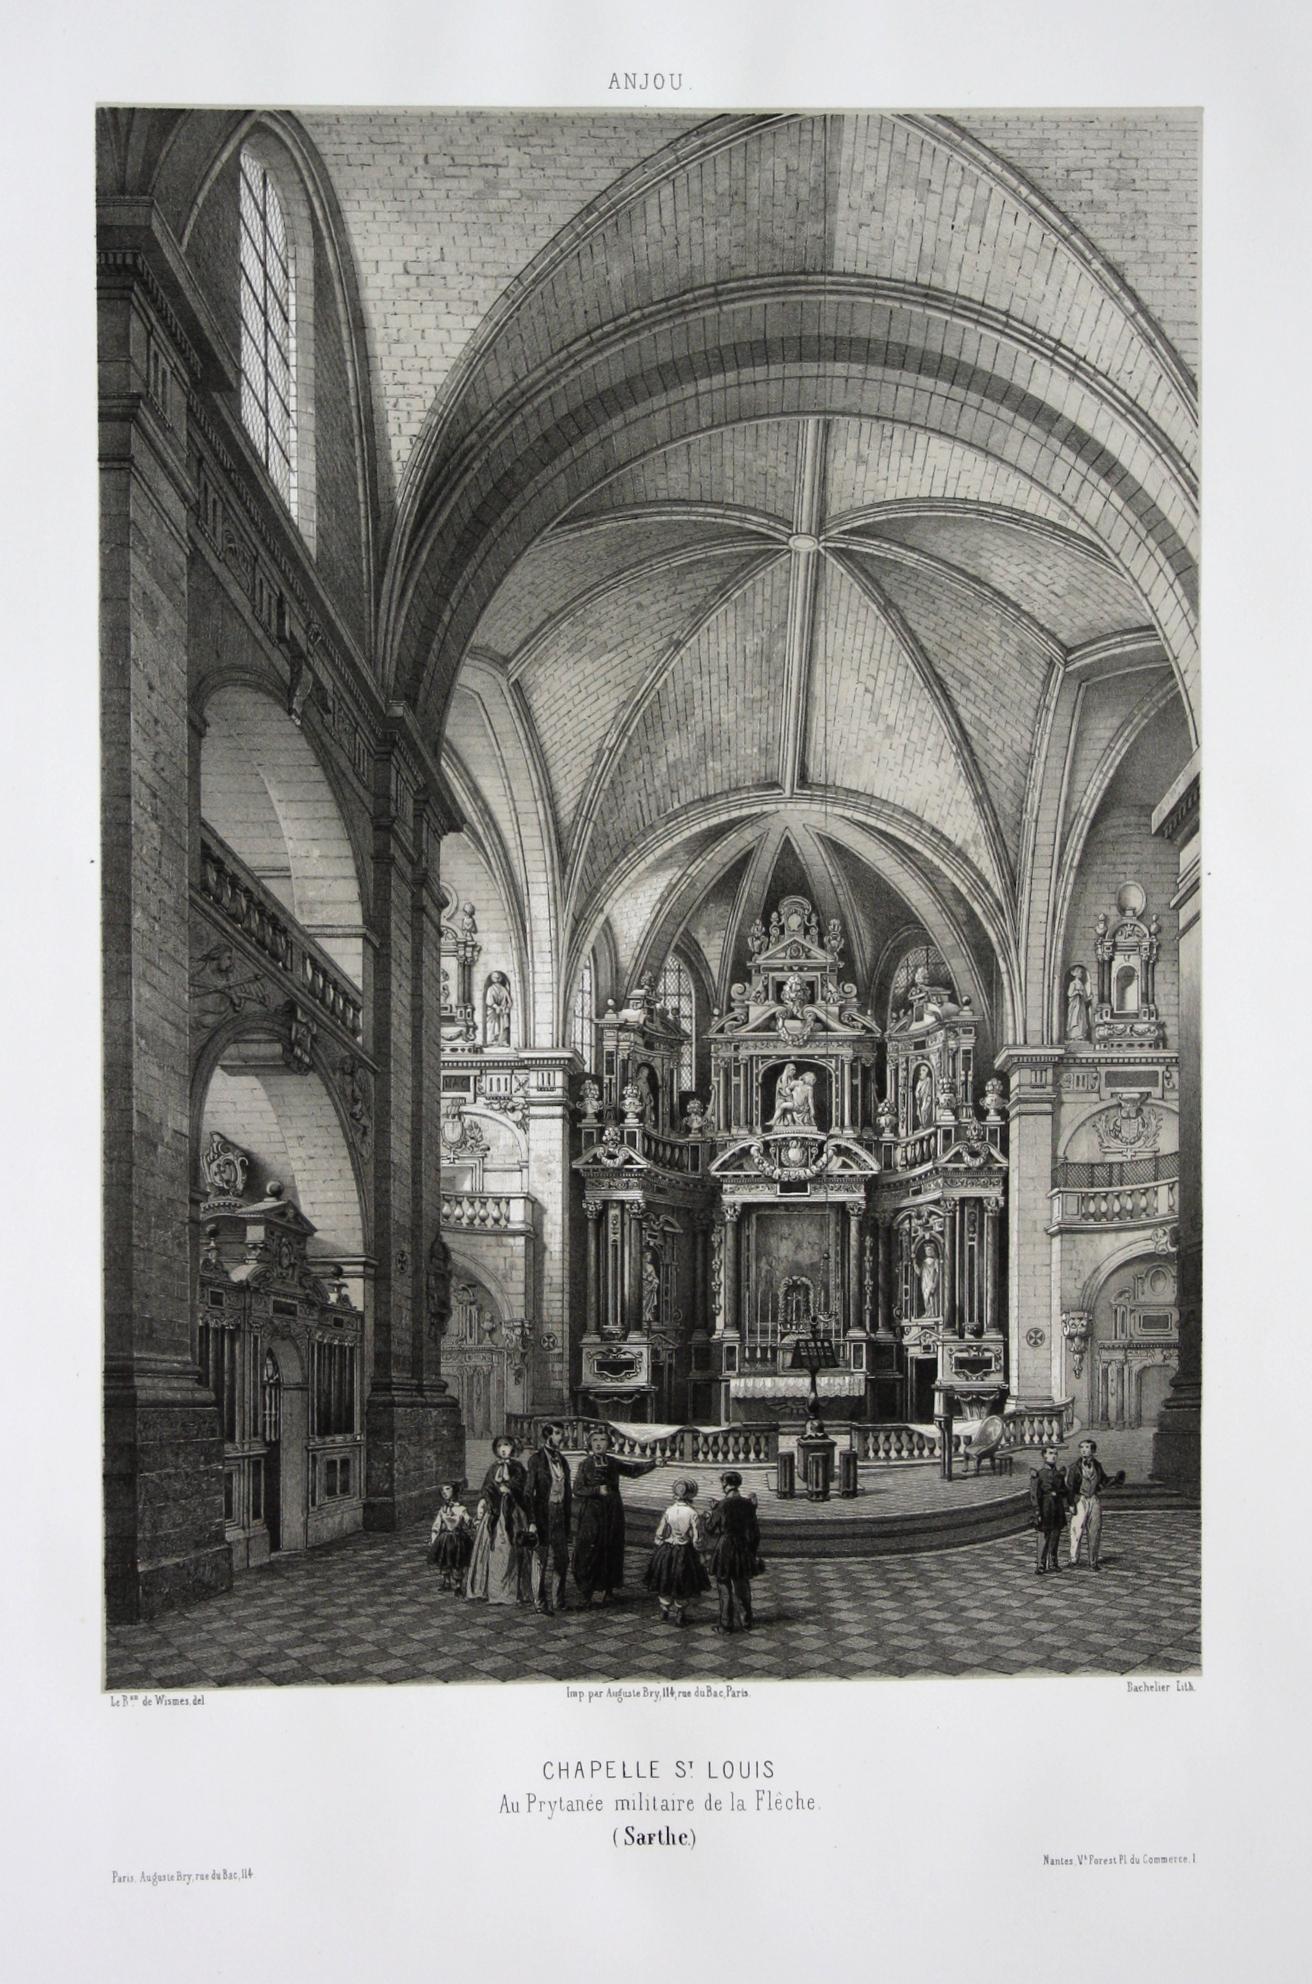 Chapelle St. Louis / Au Prytanee militaire: Wismes, Olivier de